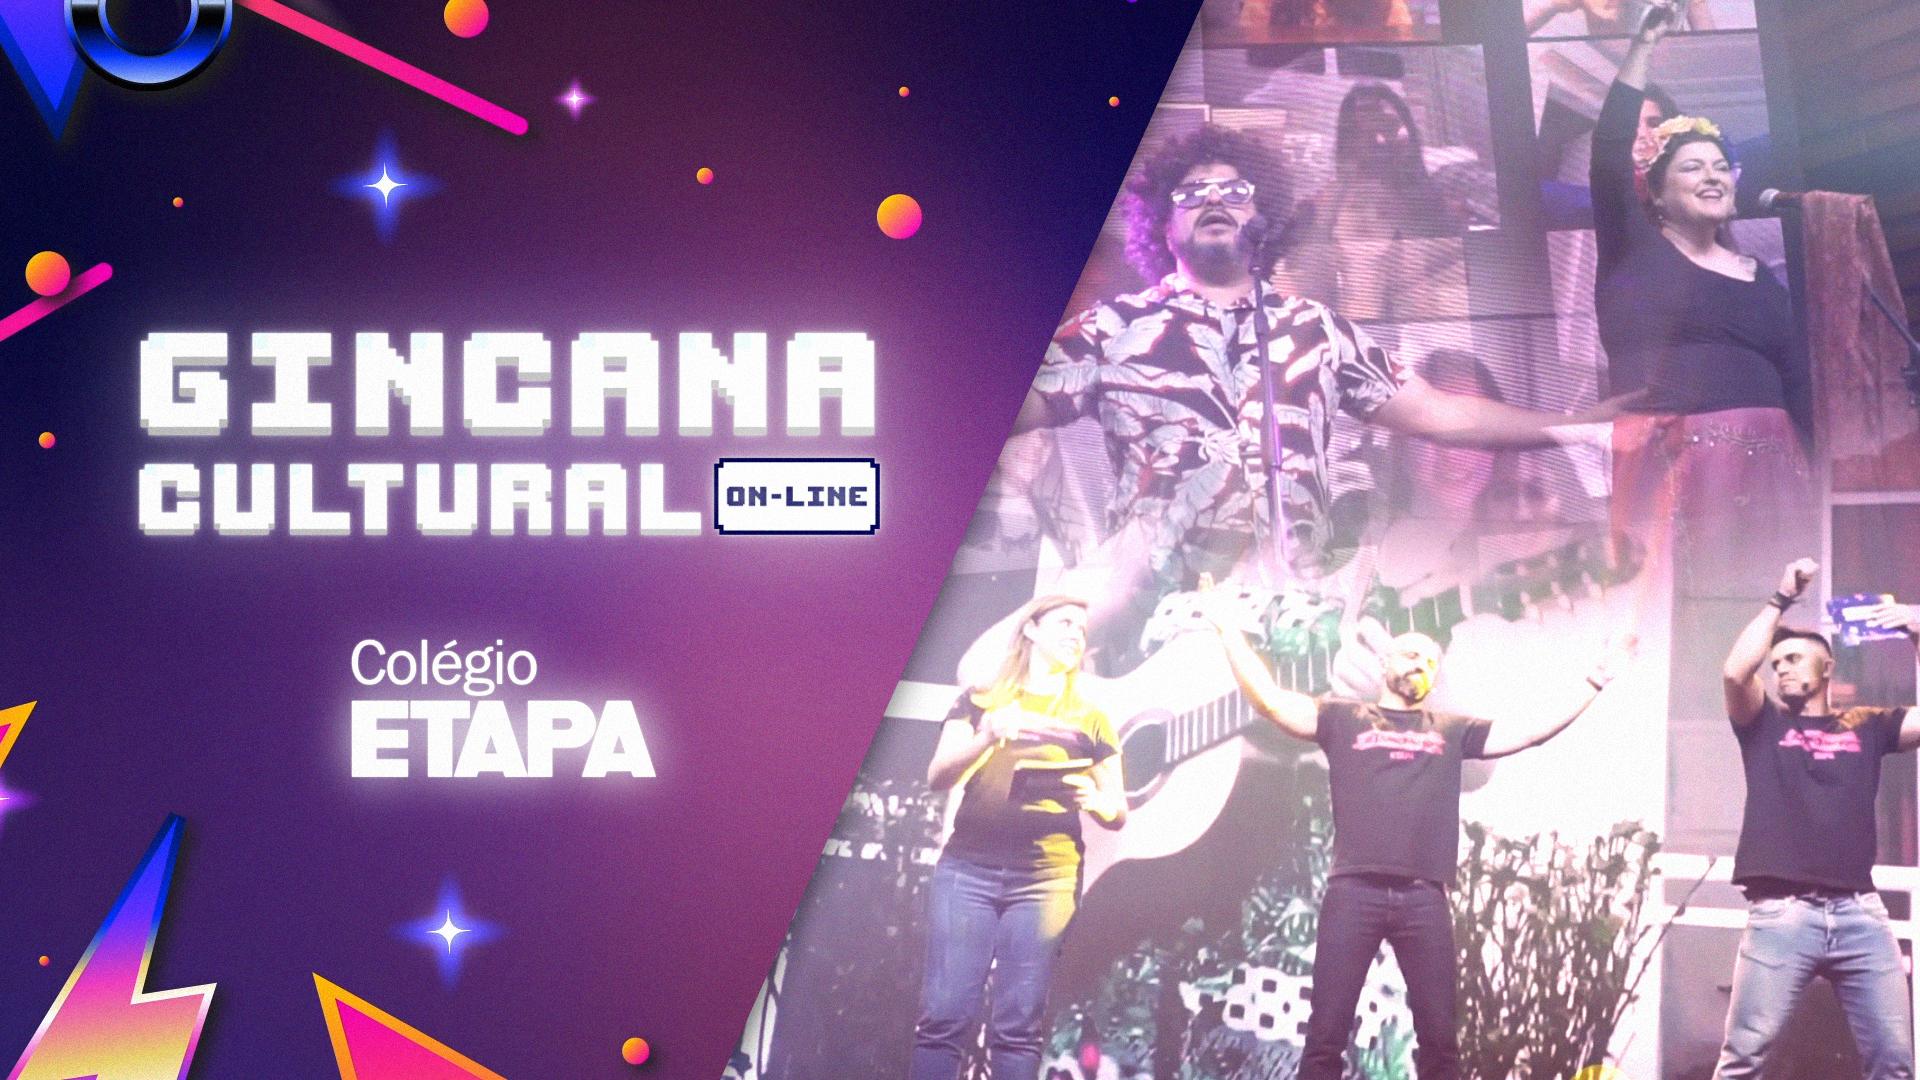 A Gincana Cultural 2020 promoveu uma série de dinâmicas para estimular a participação dos espectadores da live. Confira as novidades do evento!